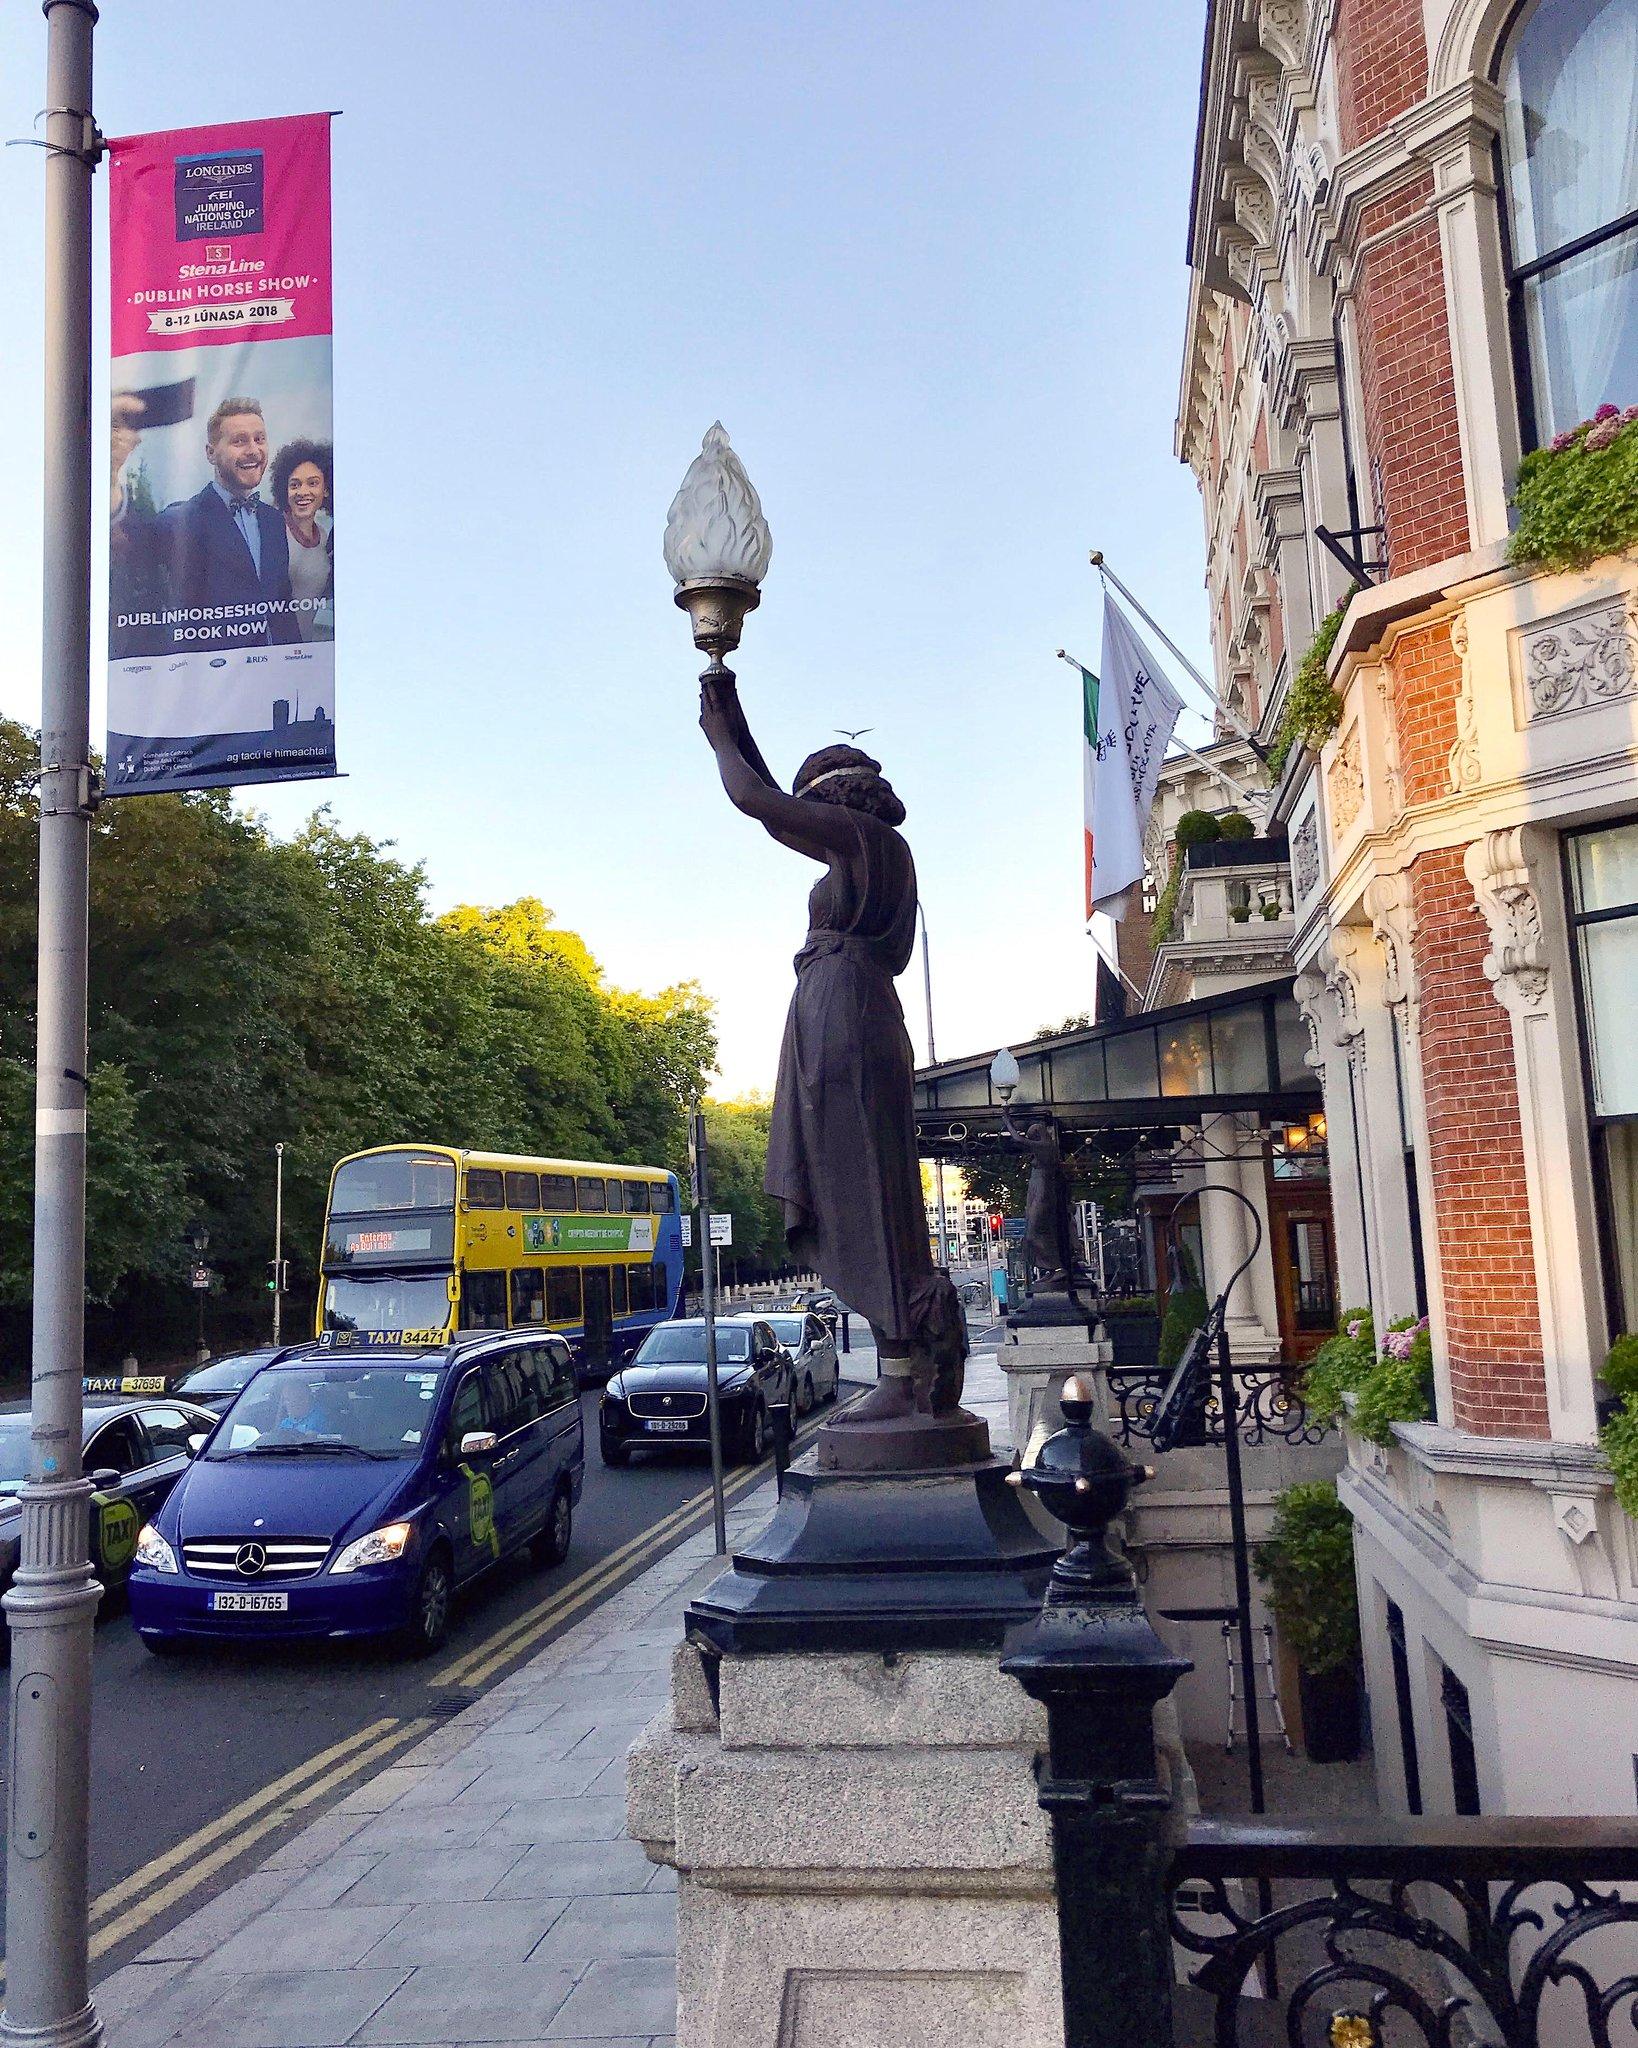 Dublin lamppost banners - Horse Show